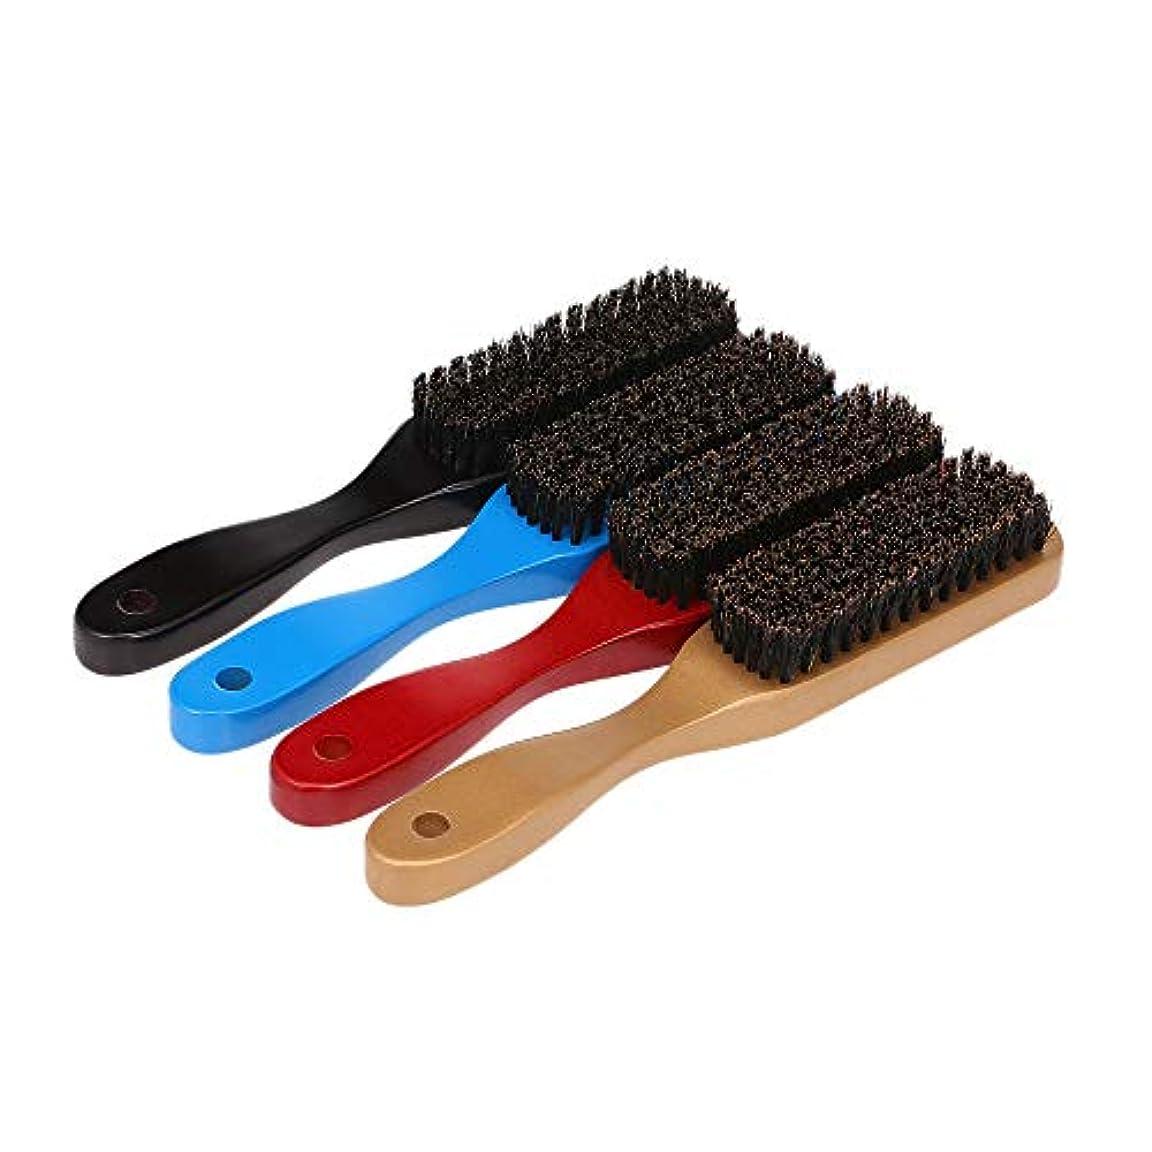 土曜日胸選ぶDecdeal ひげブラシ 天然 メンズシェービングブラシ 髭剃り 美容ツール